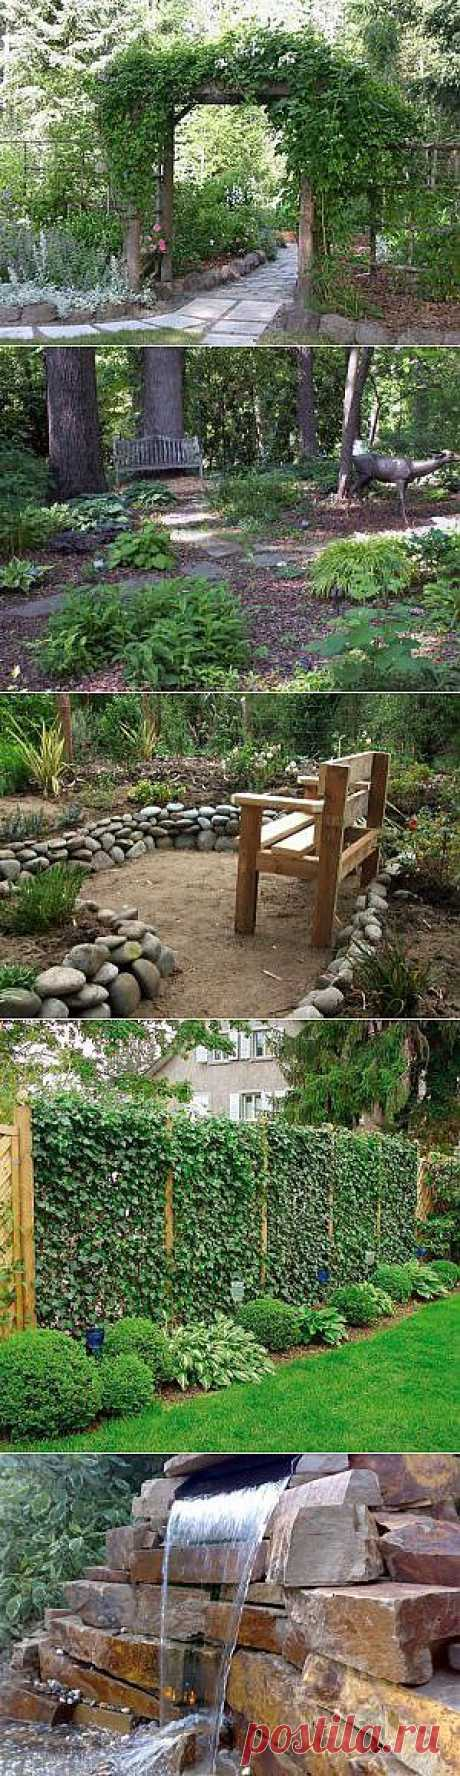 Выпуск №60 - Ландшафтный дизайн своими руками - идеи для дизайна сада